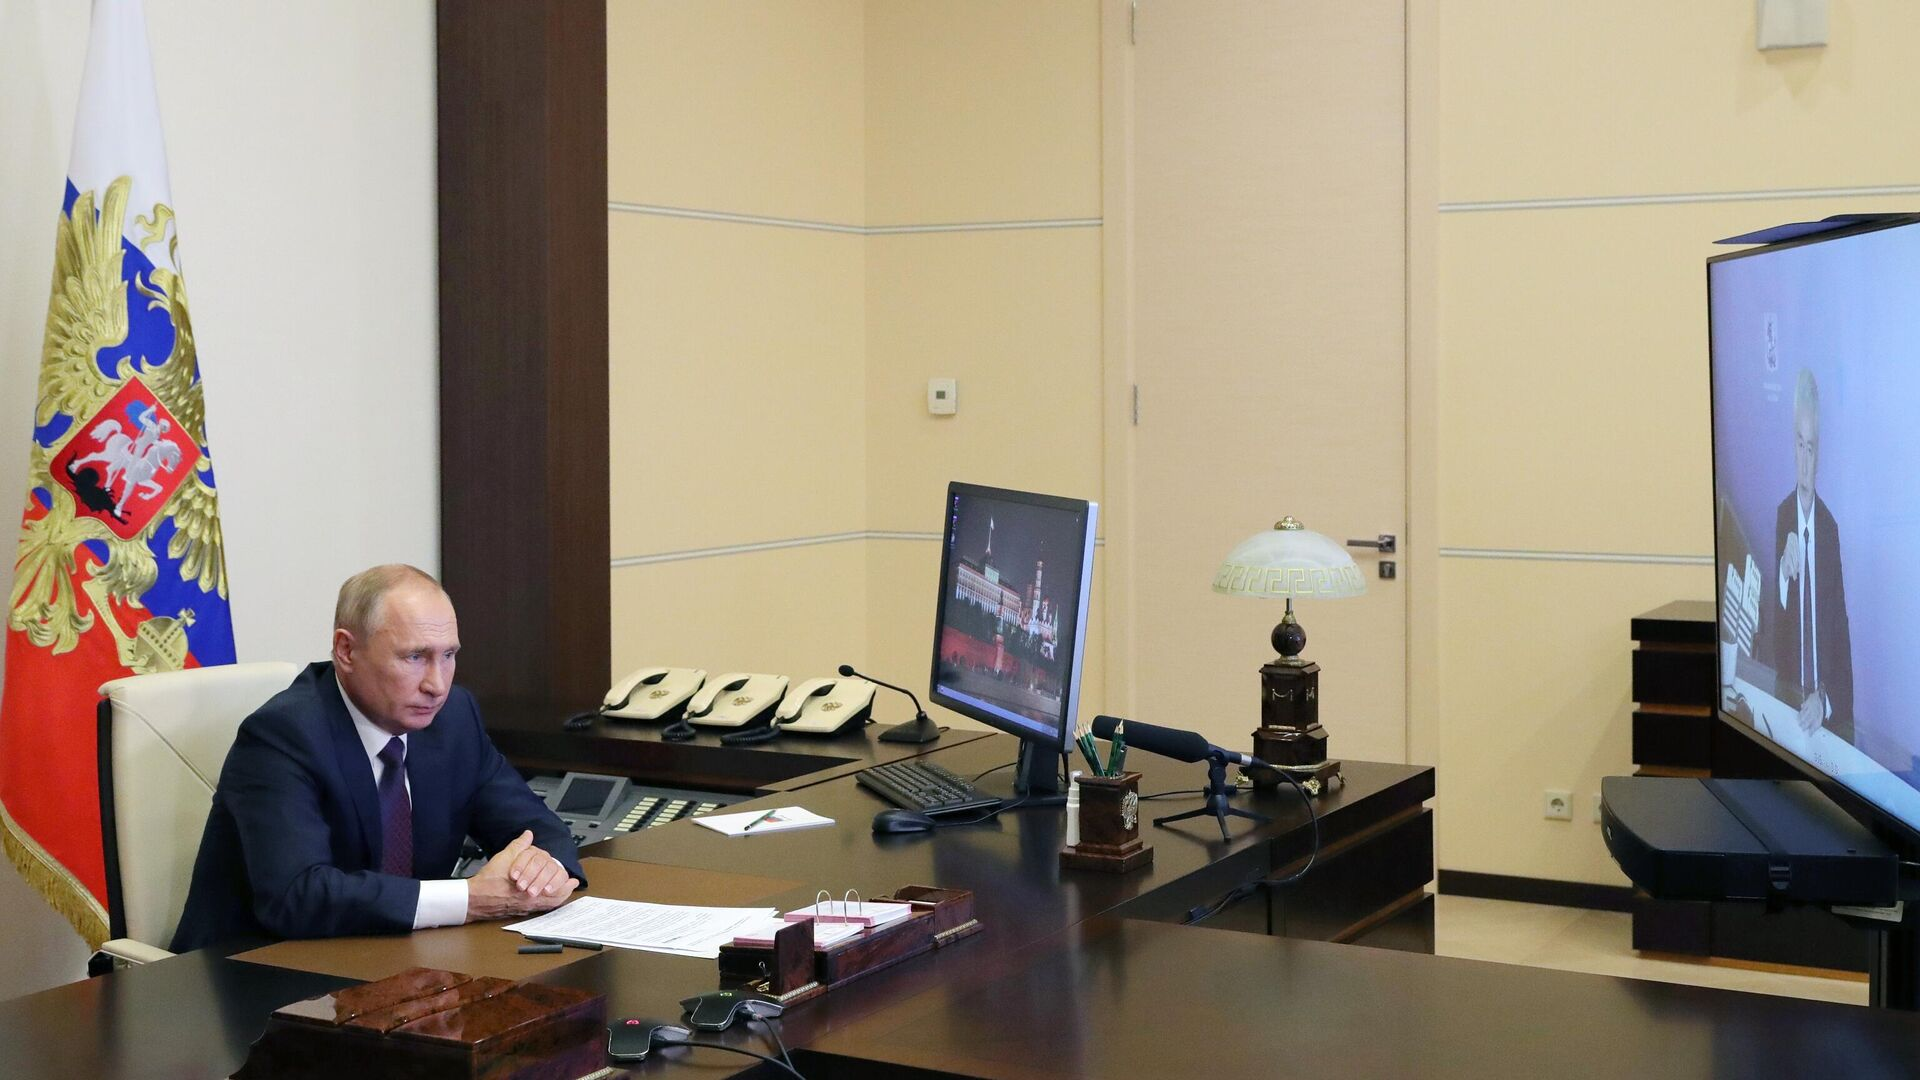 Президент РФ Владимир Путин во время встречи в режиме видеоконференции с мэром Москвы Сергеем Собяниным - РИА Новости, 1920, 04.09.2020